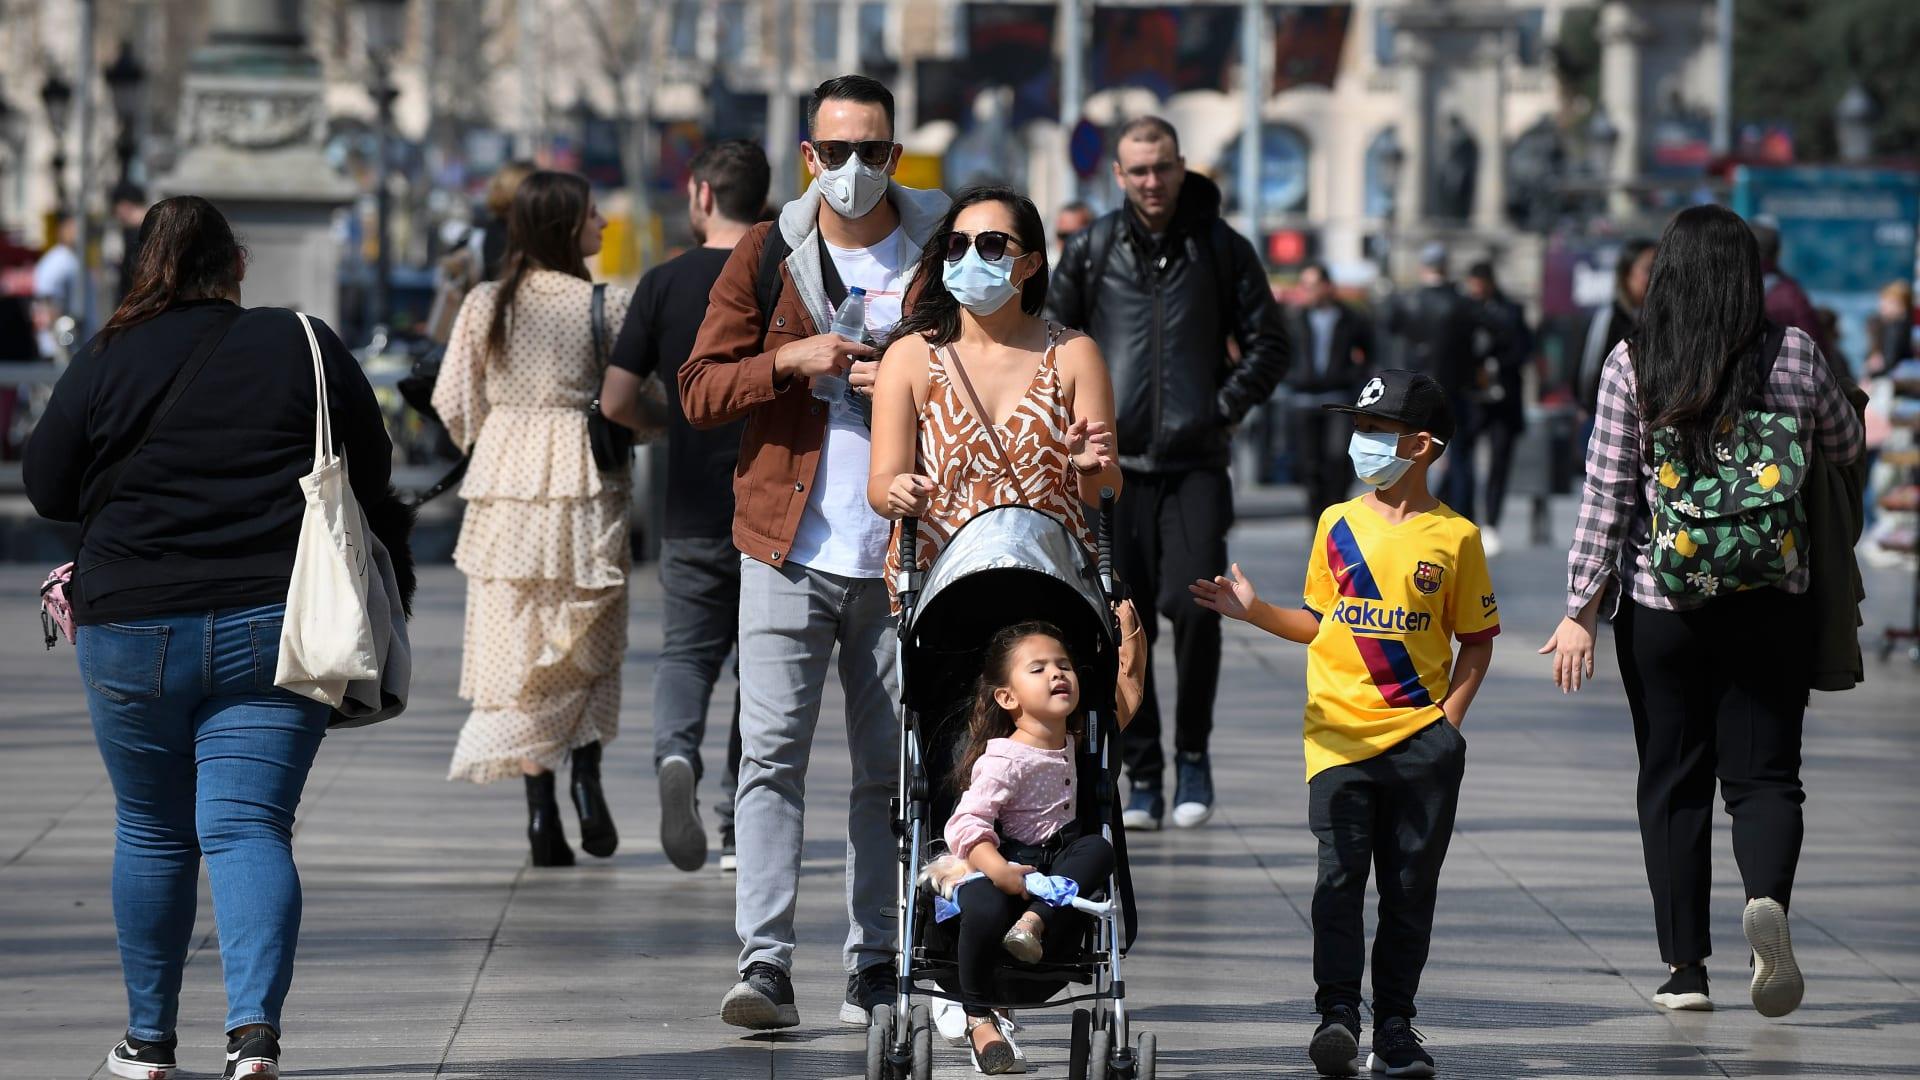 """بعد وصف فيروس كورونا بـ""""الجائحة"""".. ما هو الوباء؟ وهل يمكن إيقافه؟"""